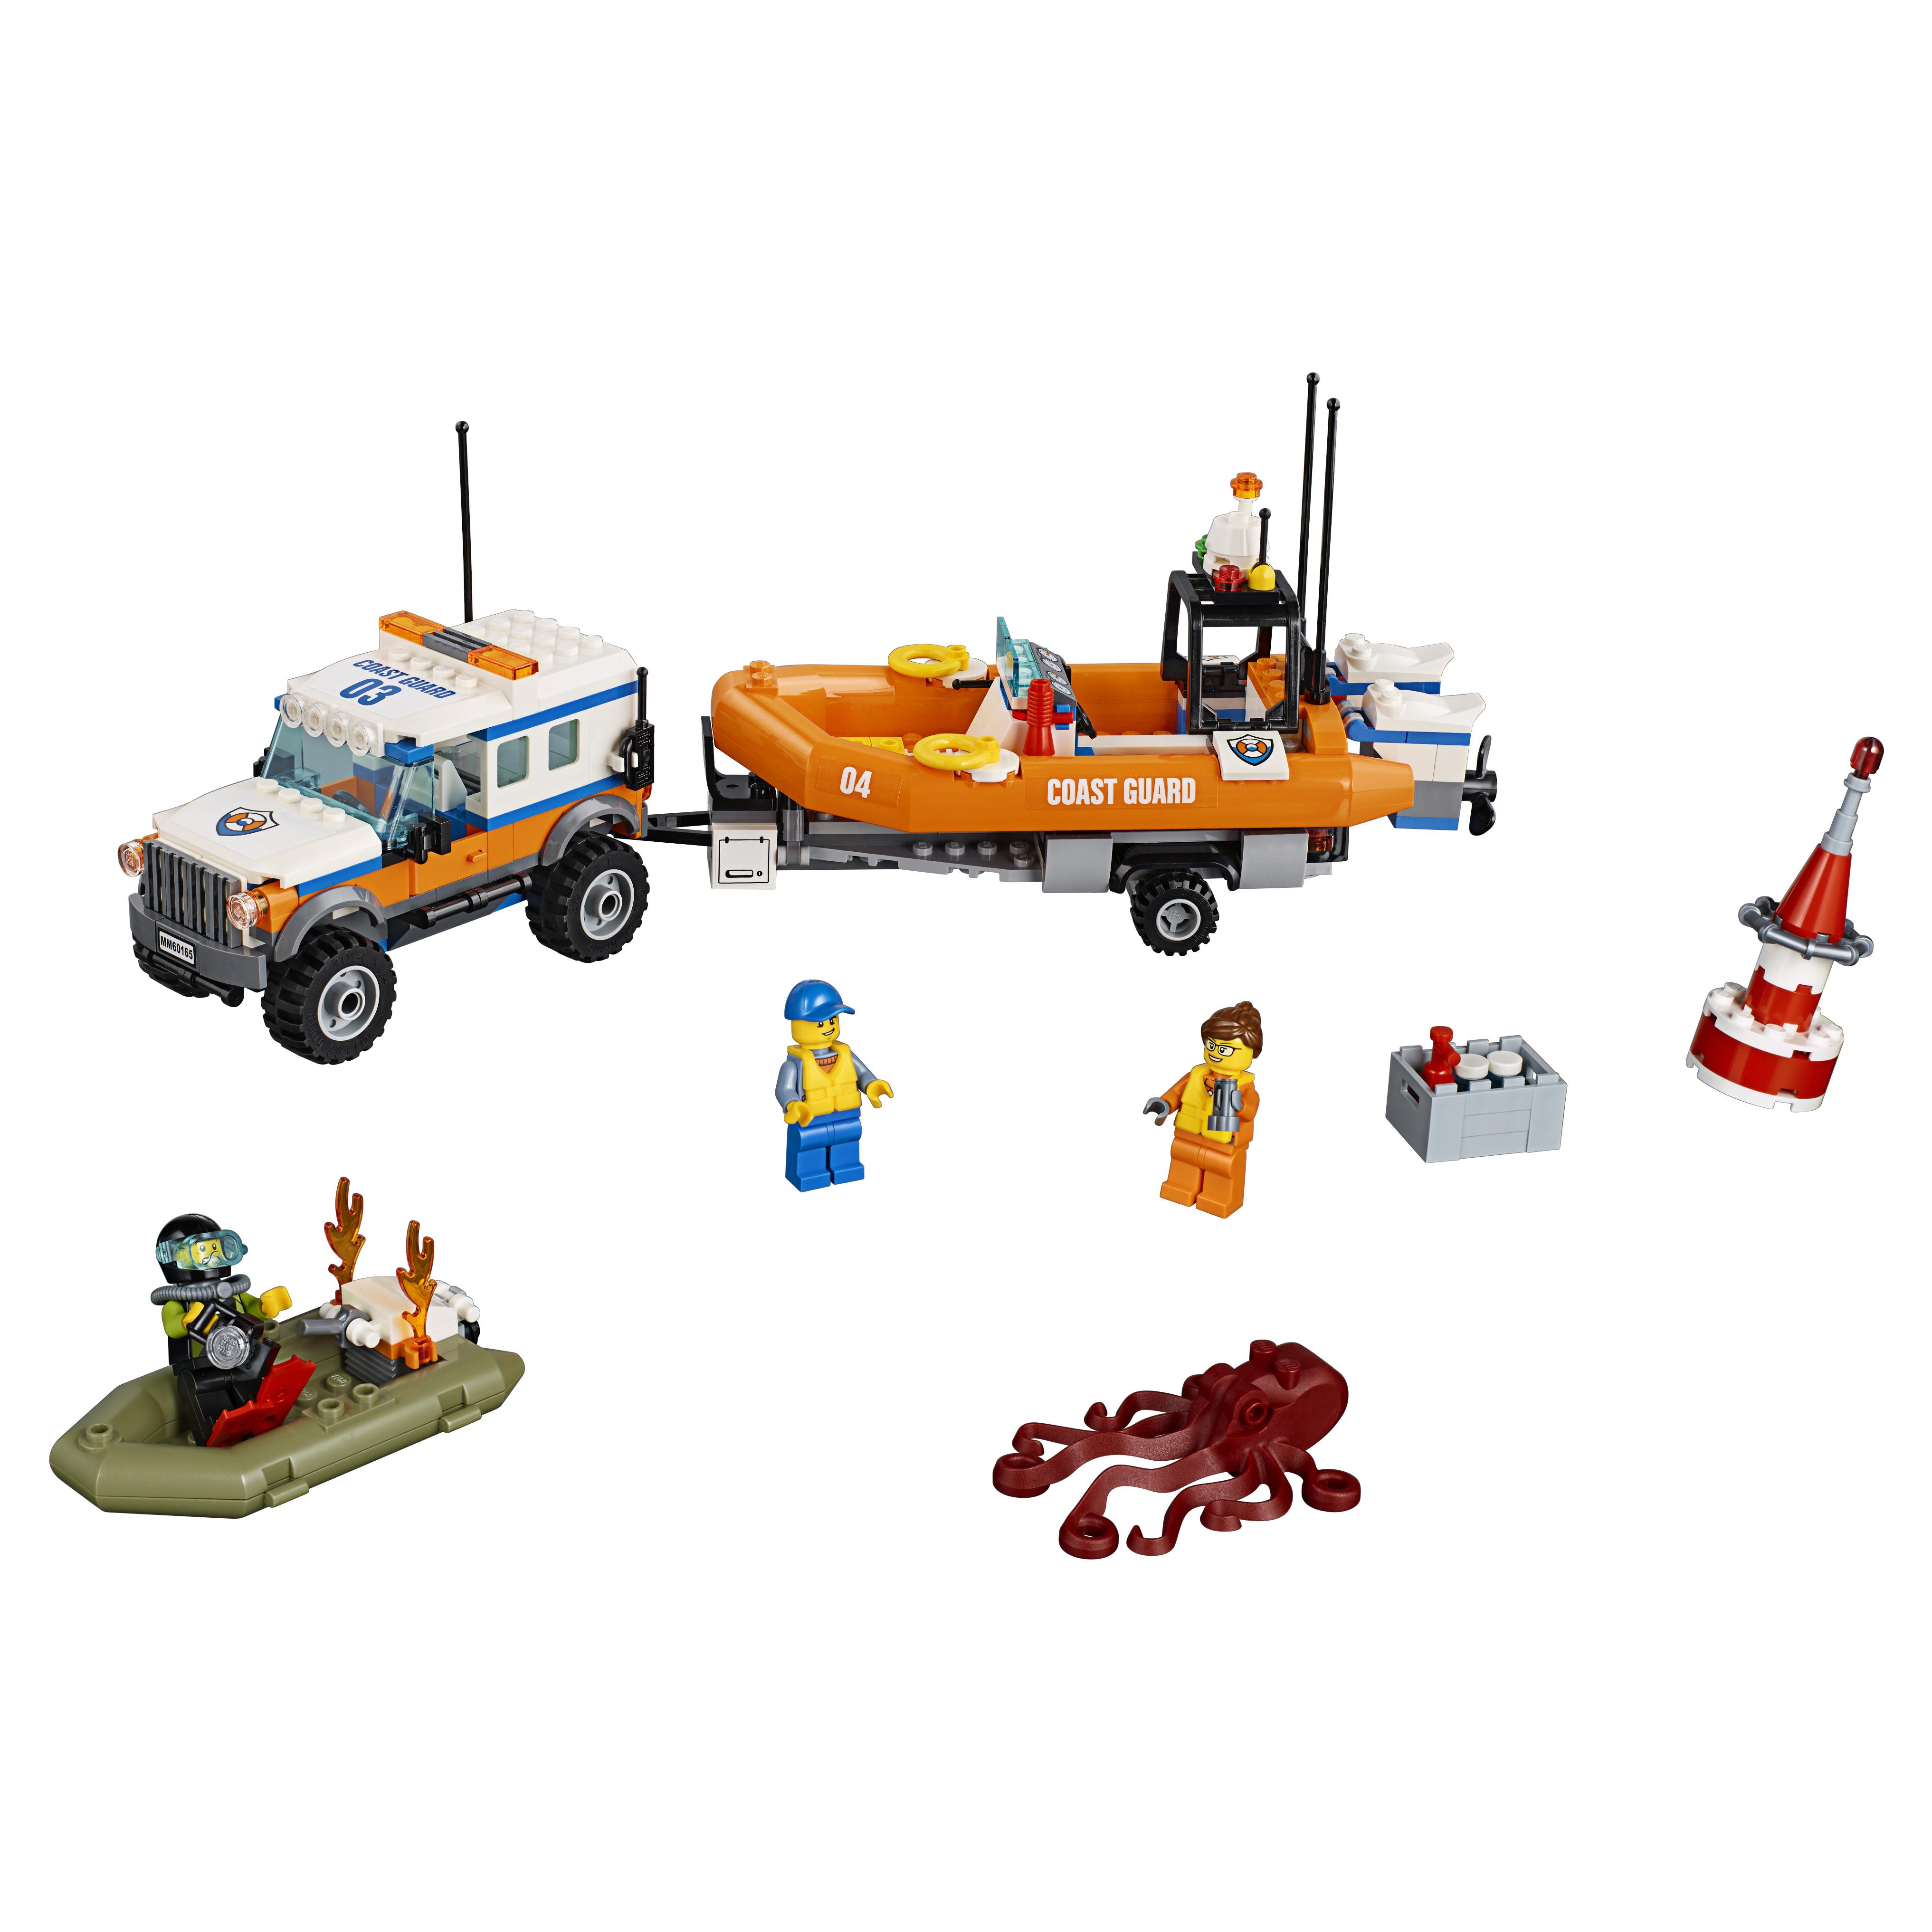 Конструктор LEGO City Coast Guard Внедорожник 4х4 команды быстрого реагирования (60165) фото